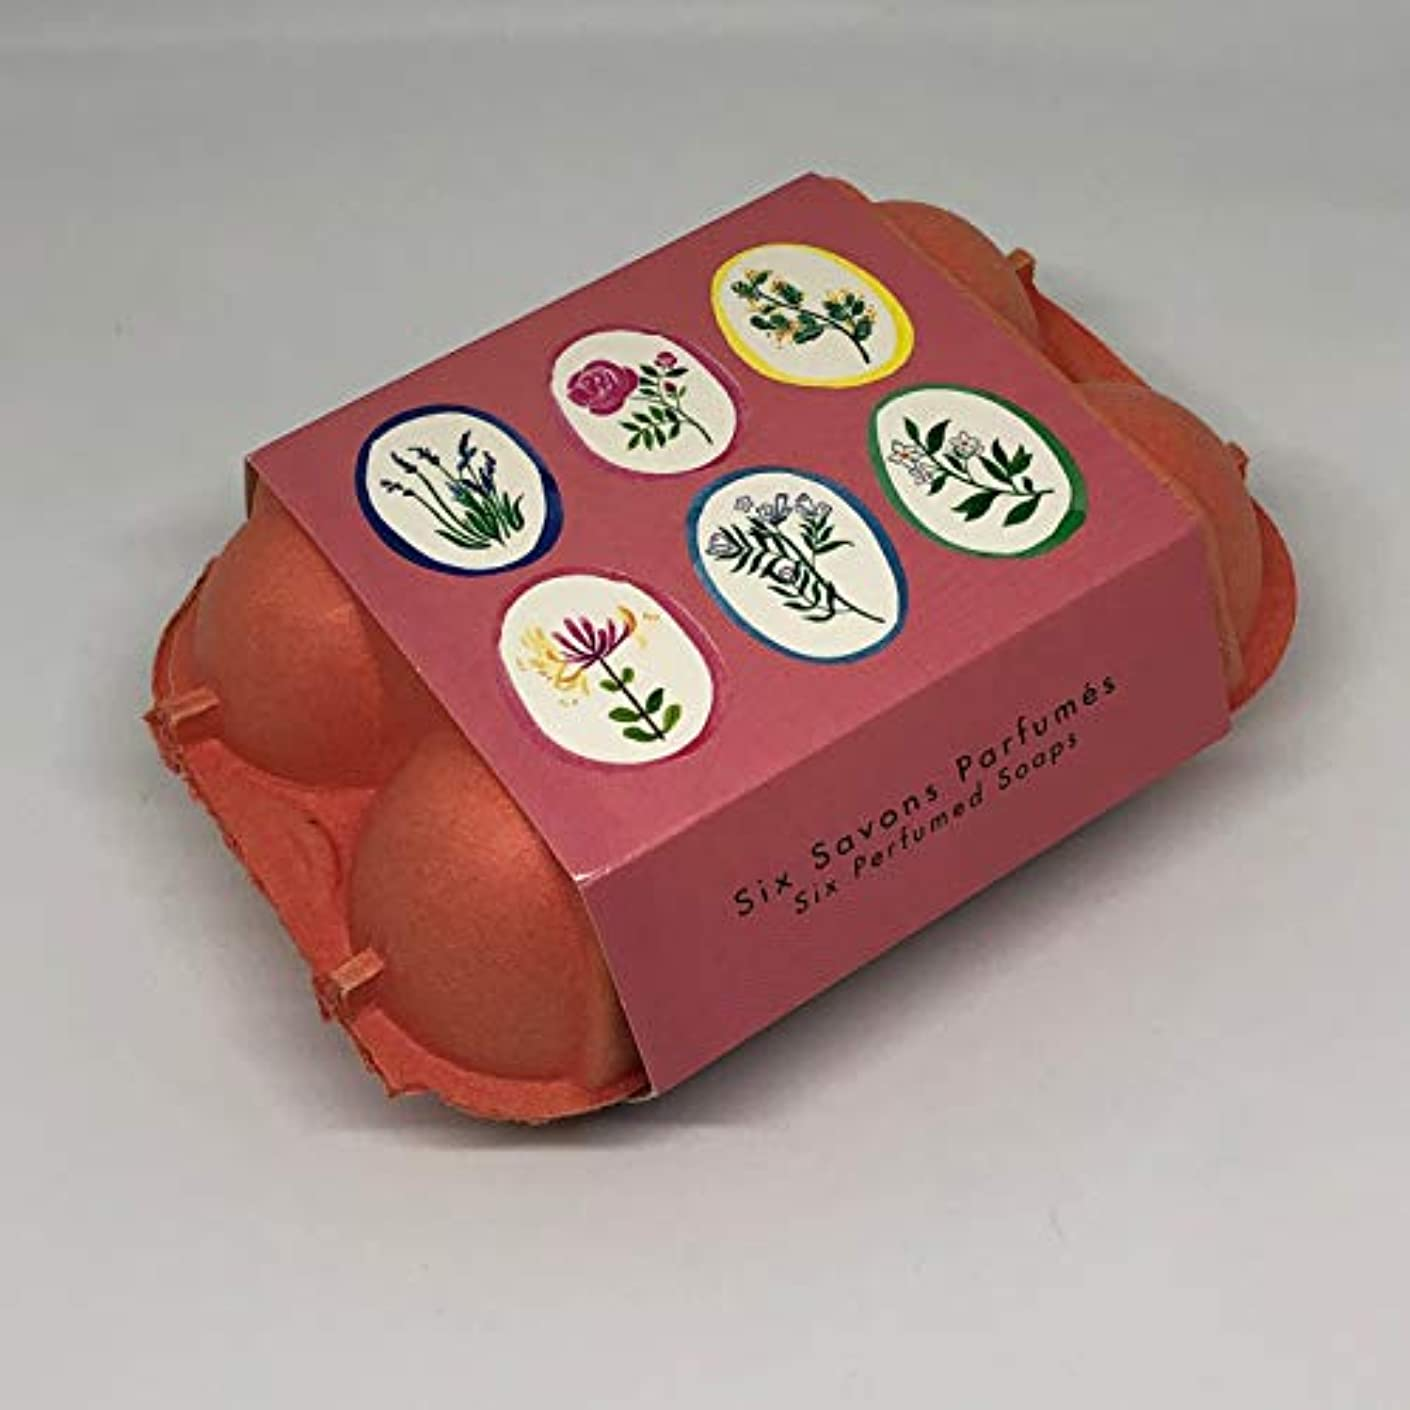 達成可能差し迫った森フラゴナール Fragonard 卵型ソープセット 50g×6個 フランス直輸入 PINK